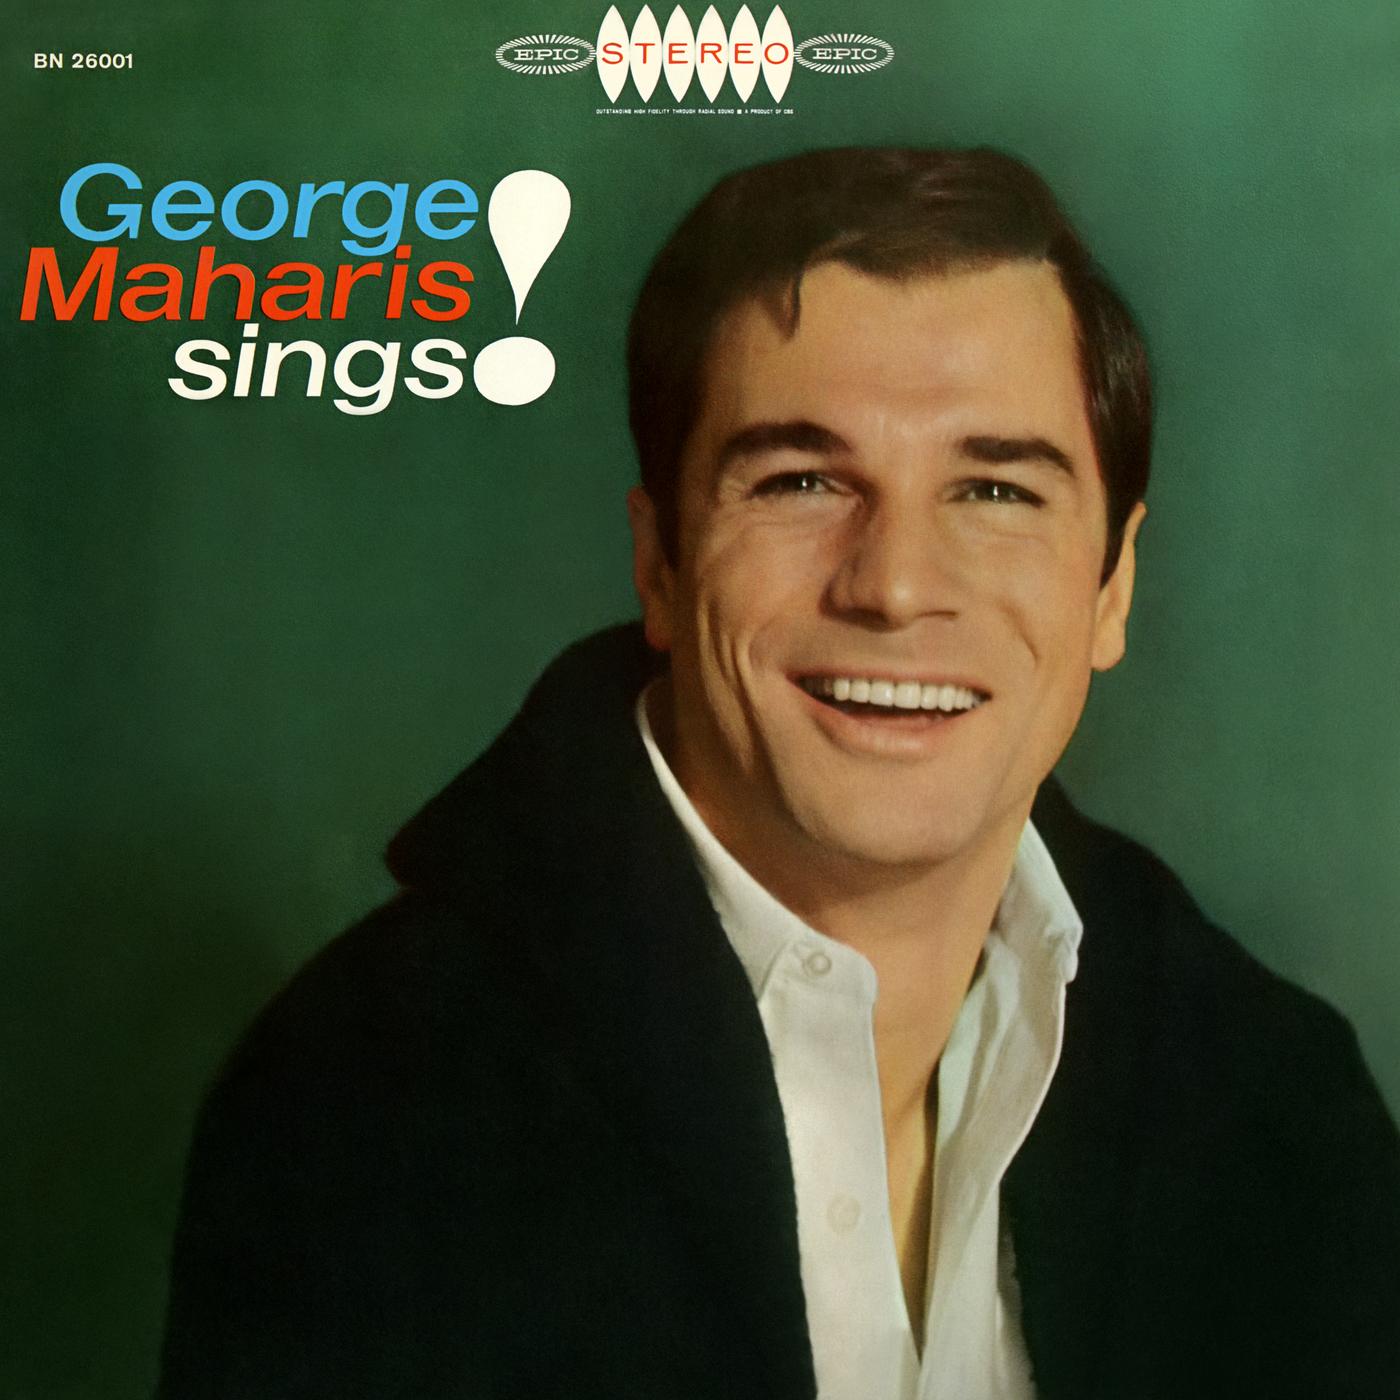 George Maharis Sings! - George Maharis